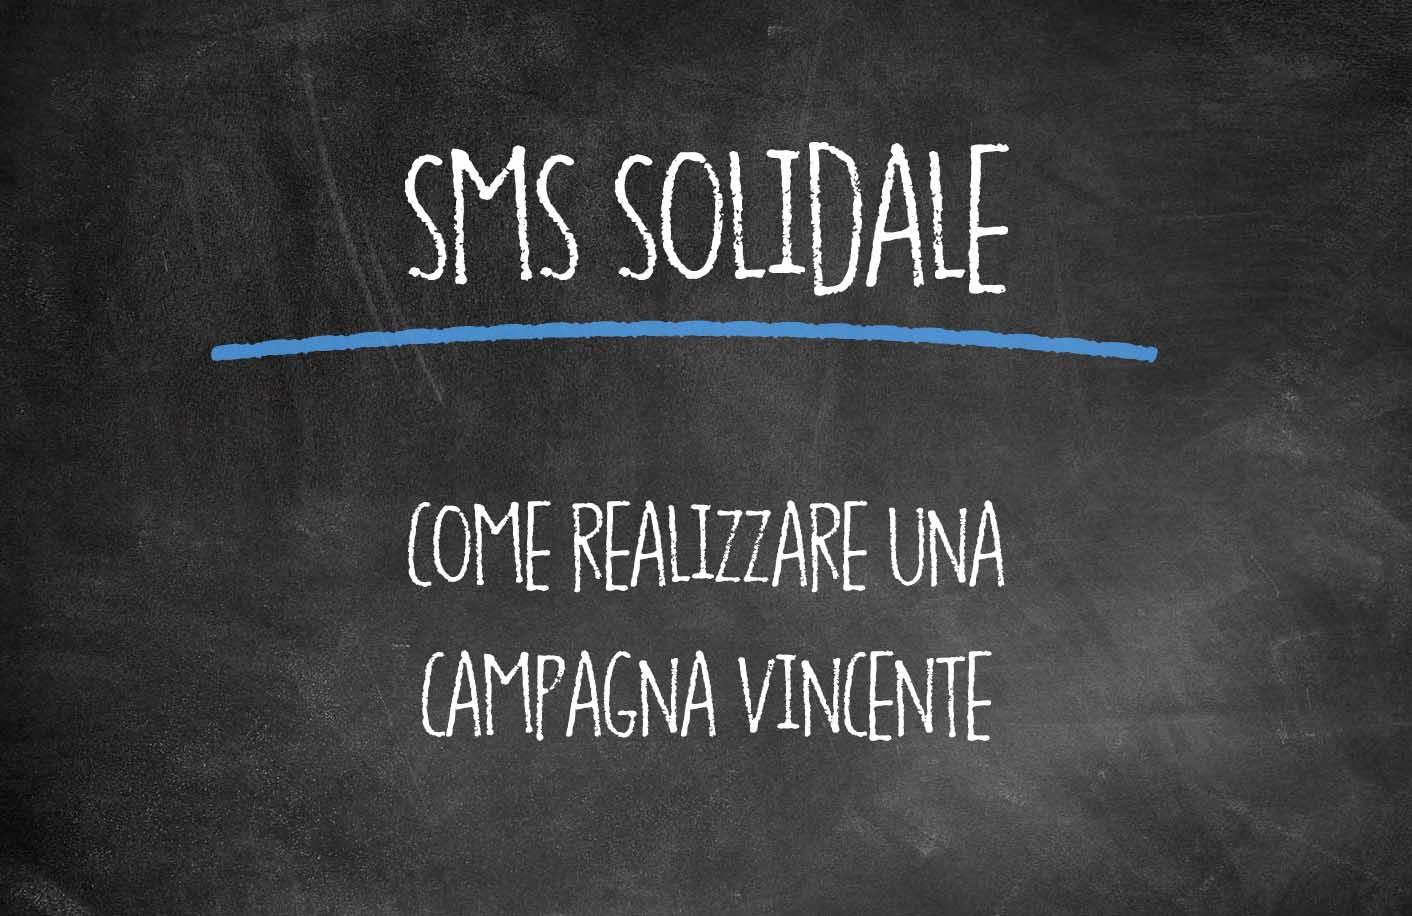 SMS SOLIDALE: come realizzare una campagna vincente